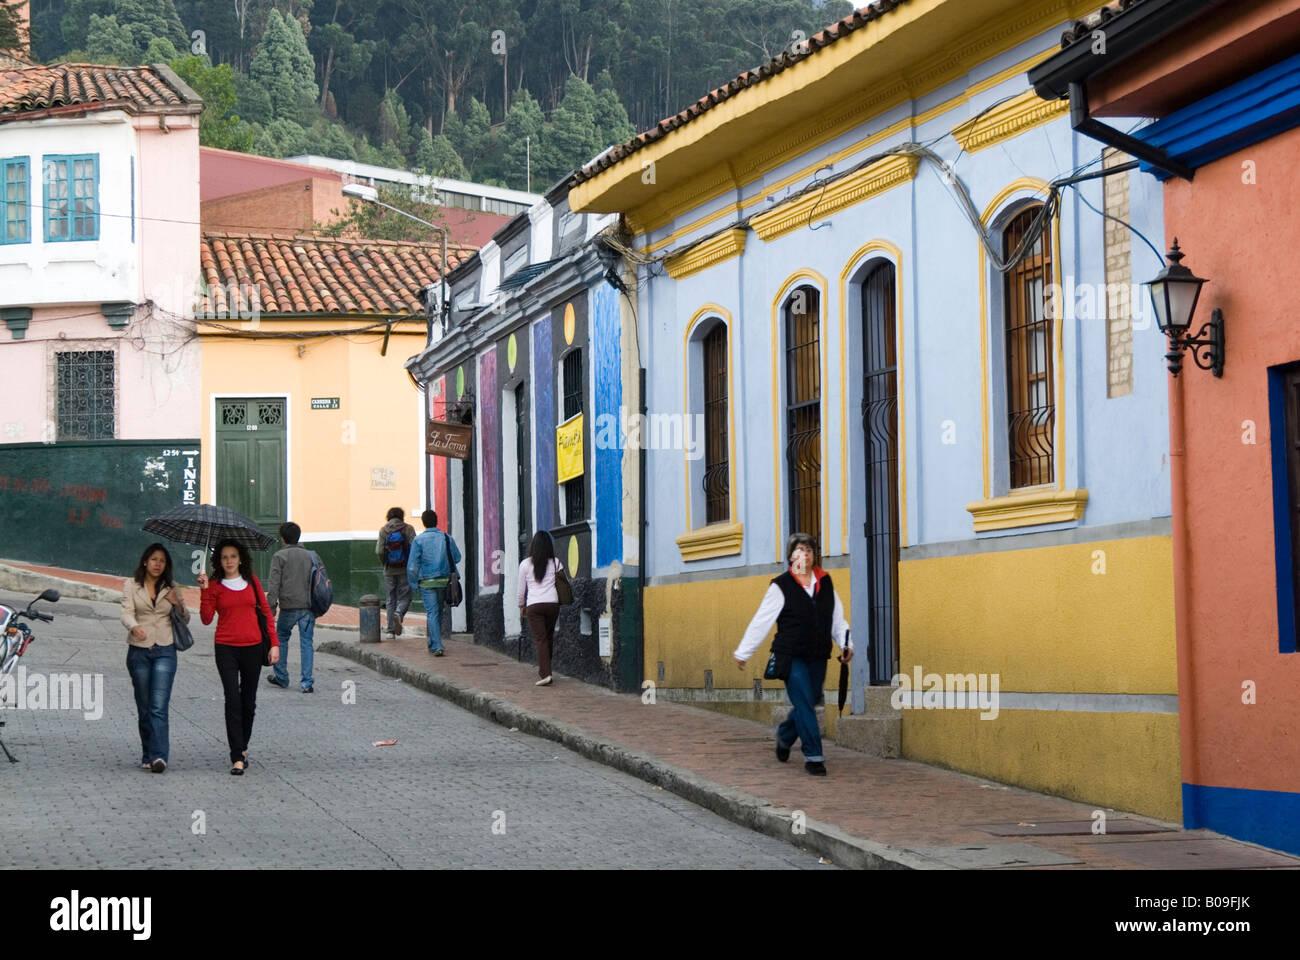 Calle de La Candelaria, Bogotá, Colombia Imagen De Stock